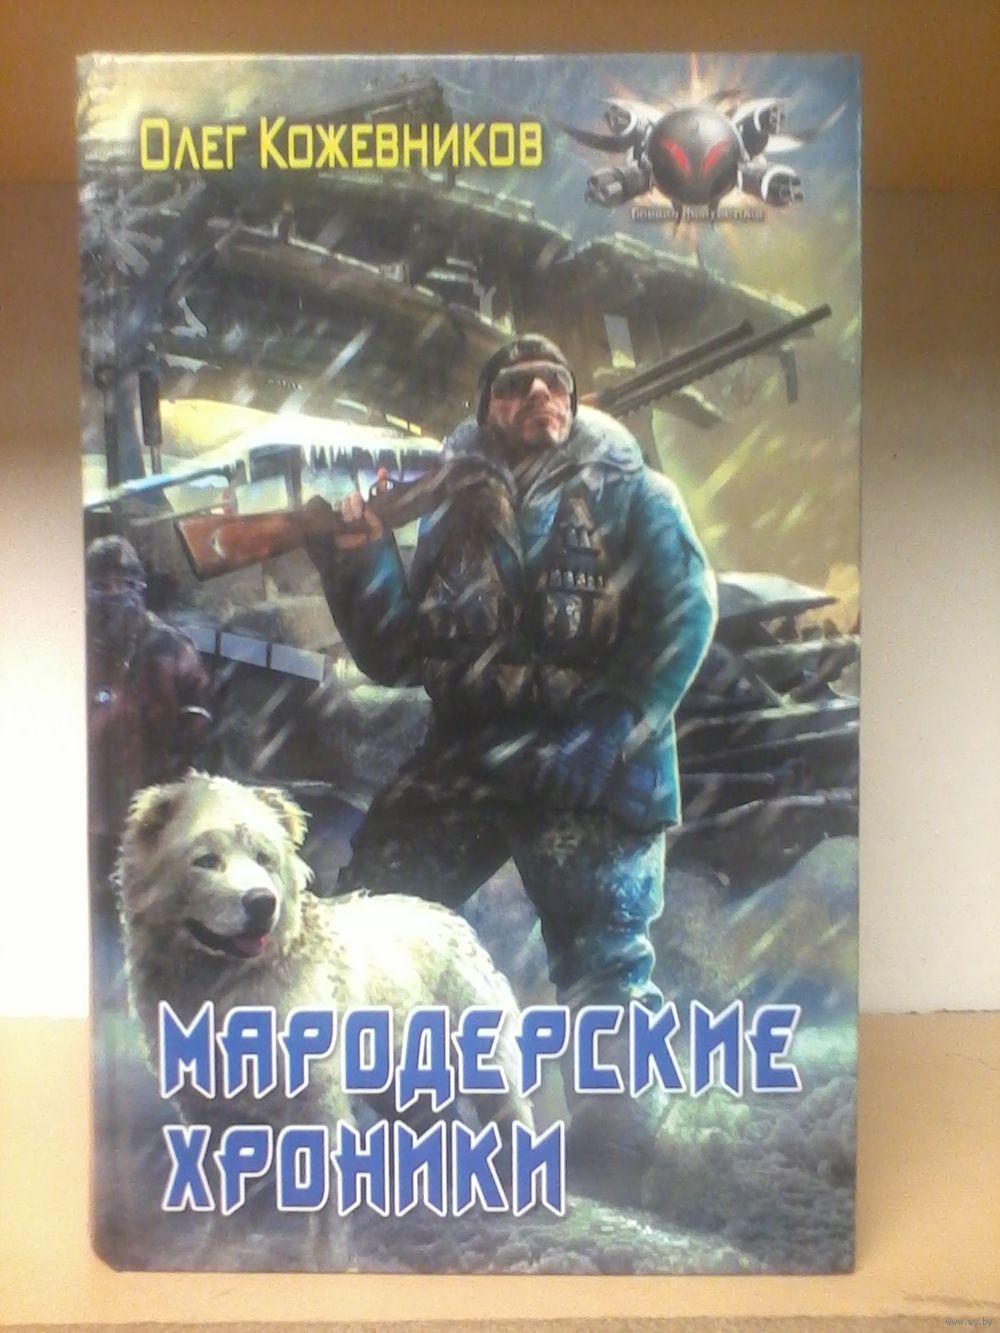 Самая популярная боевая фантастика книга